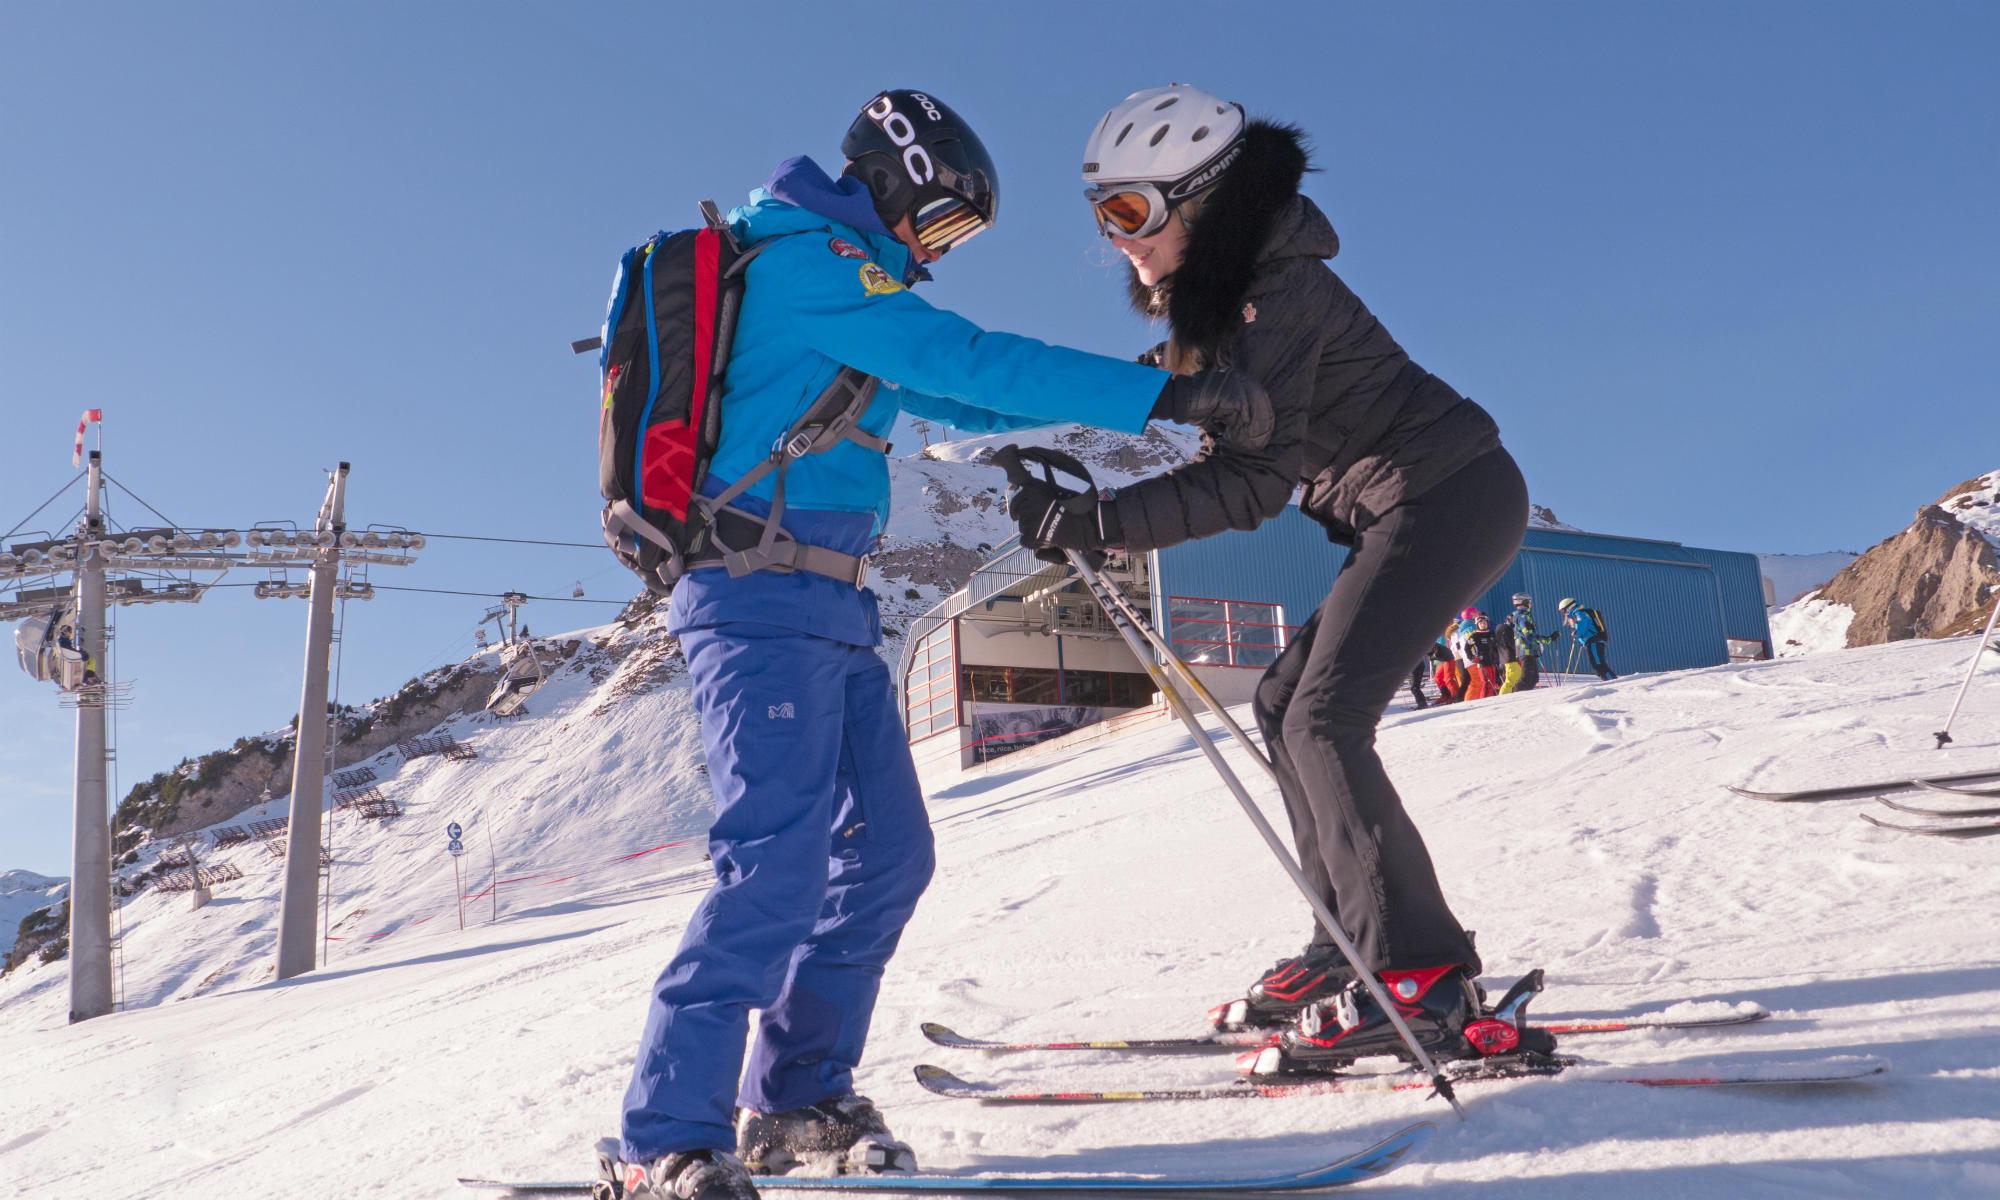 Ein Skilehrer hilft einer Skifahrerin zur richtigen Haltung auf der Piste.